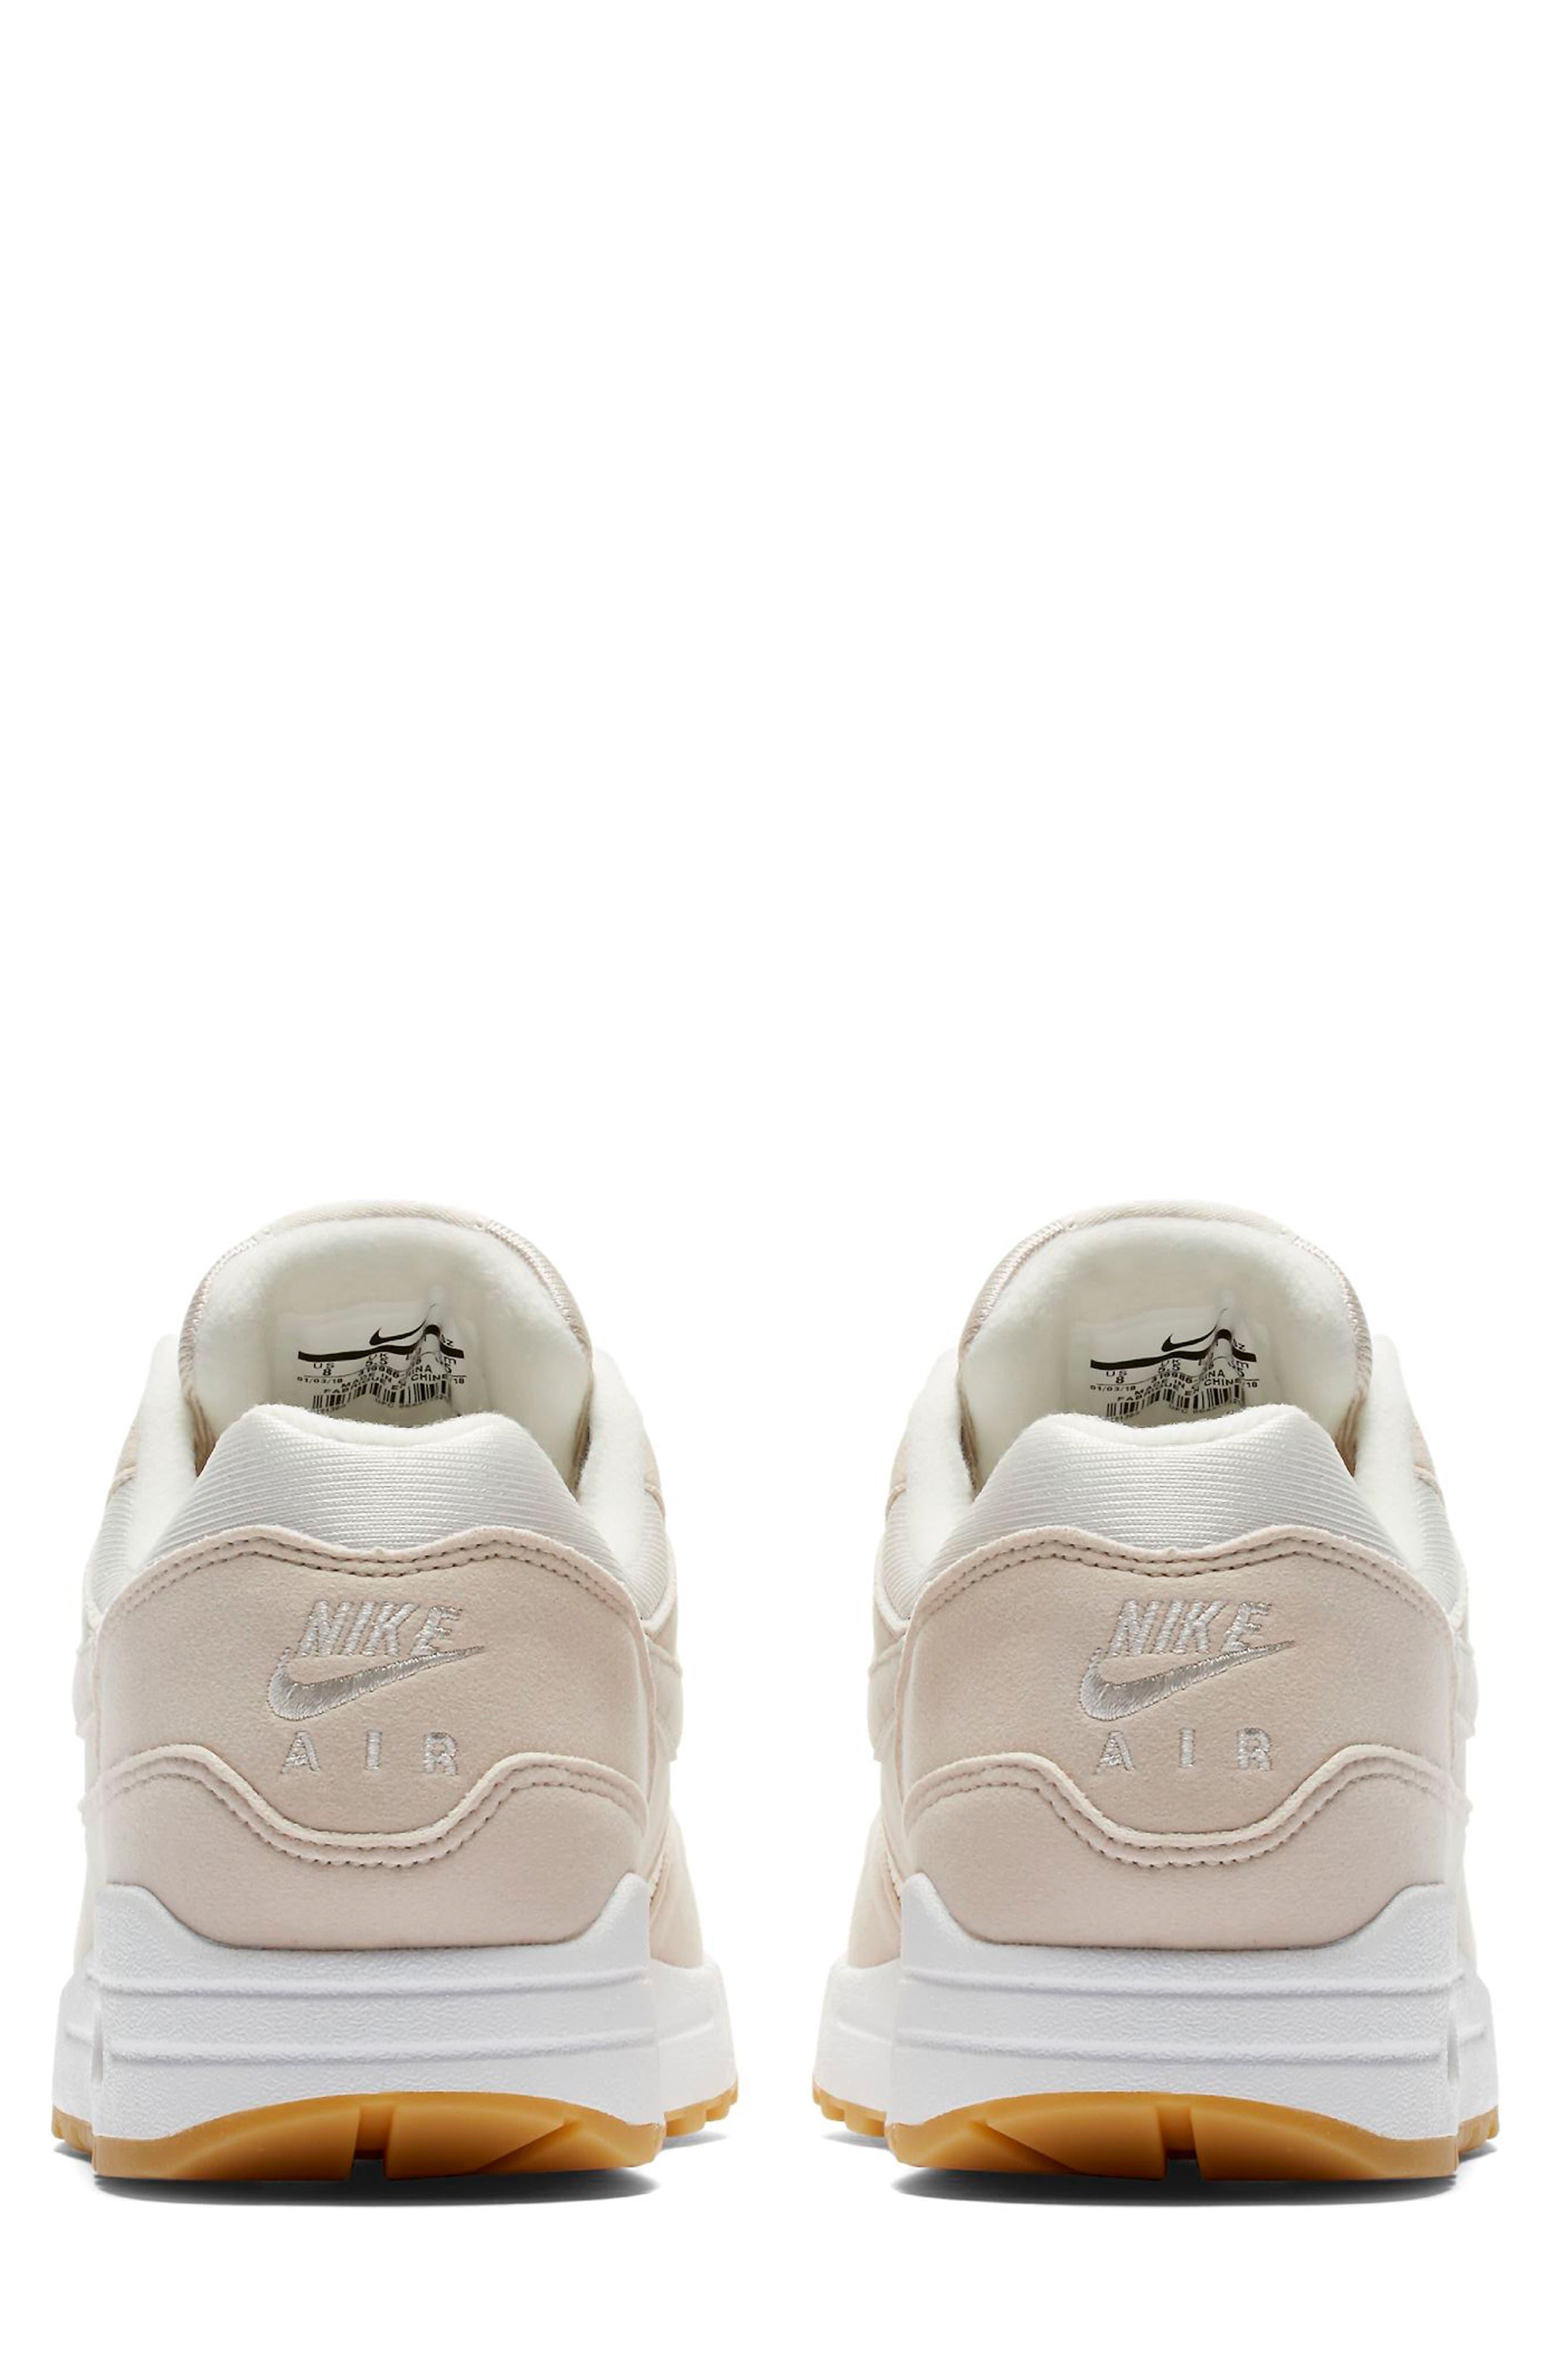 Air Max 1 Sneaker,                             Alternate thumbnail 2, color,                             DESERT SAND